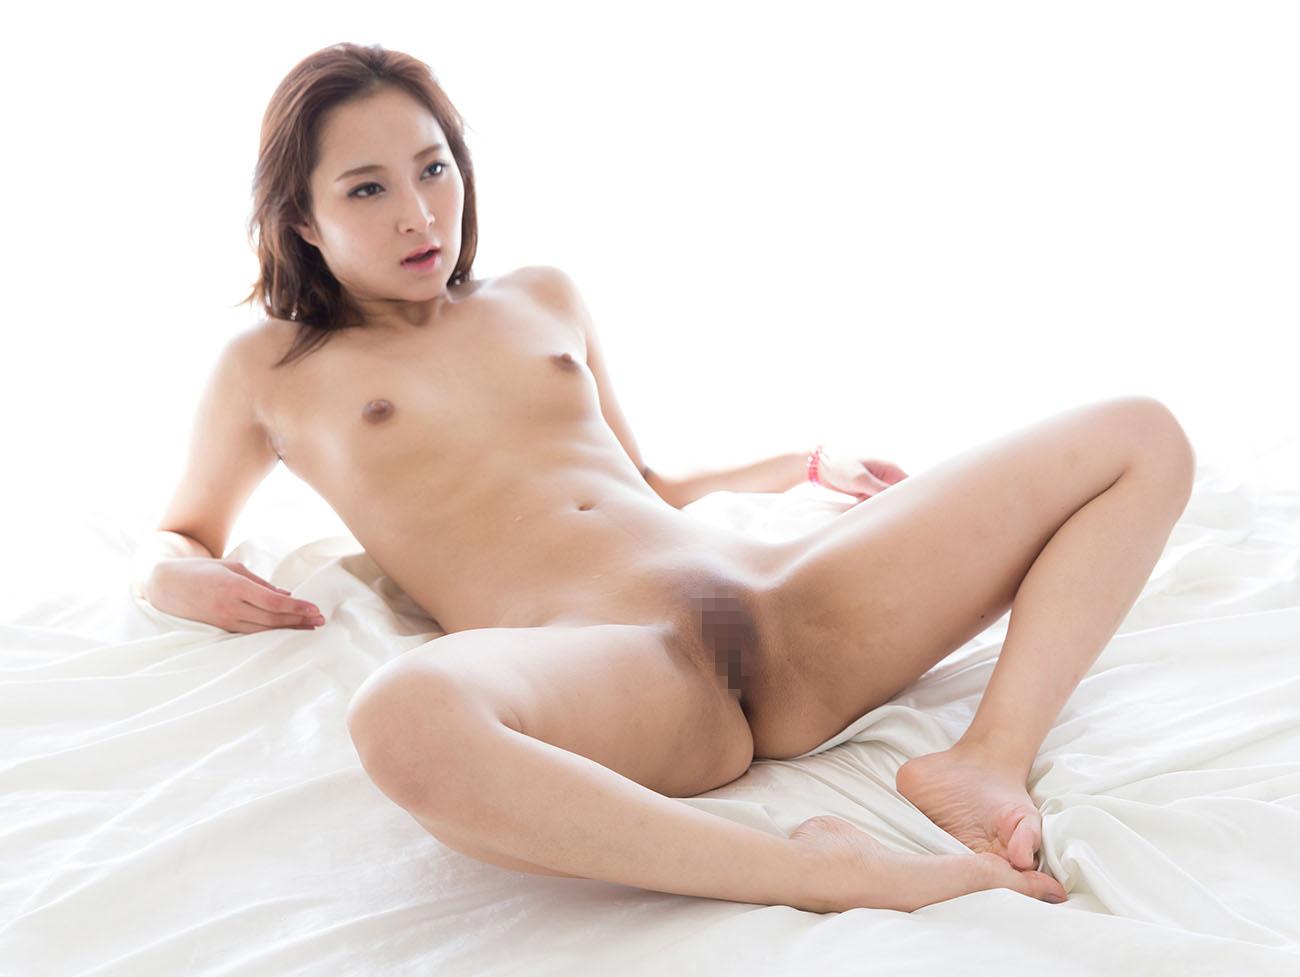 パイパン女性の綺麗なヌード (16)